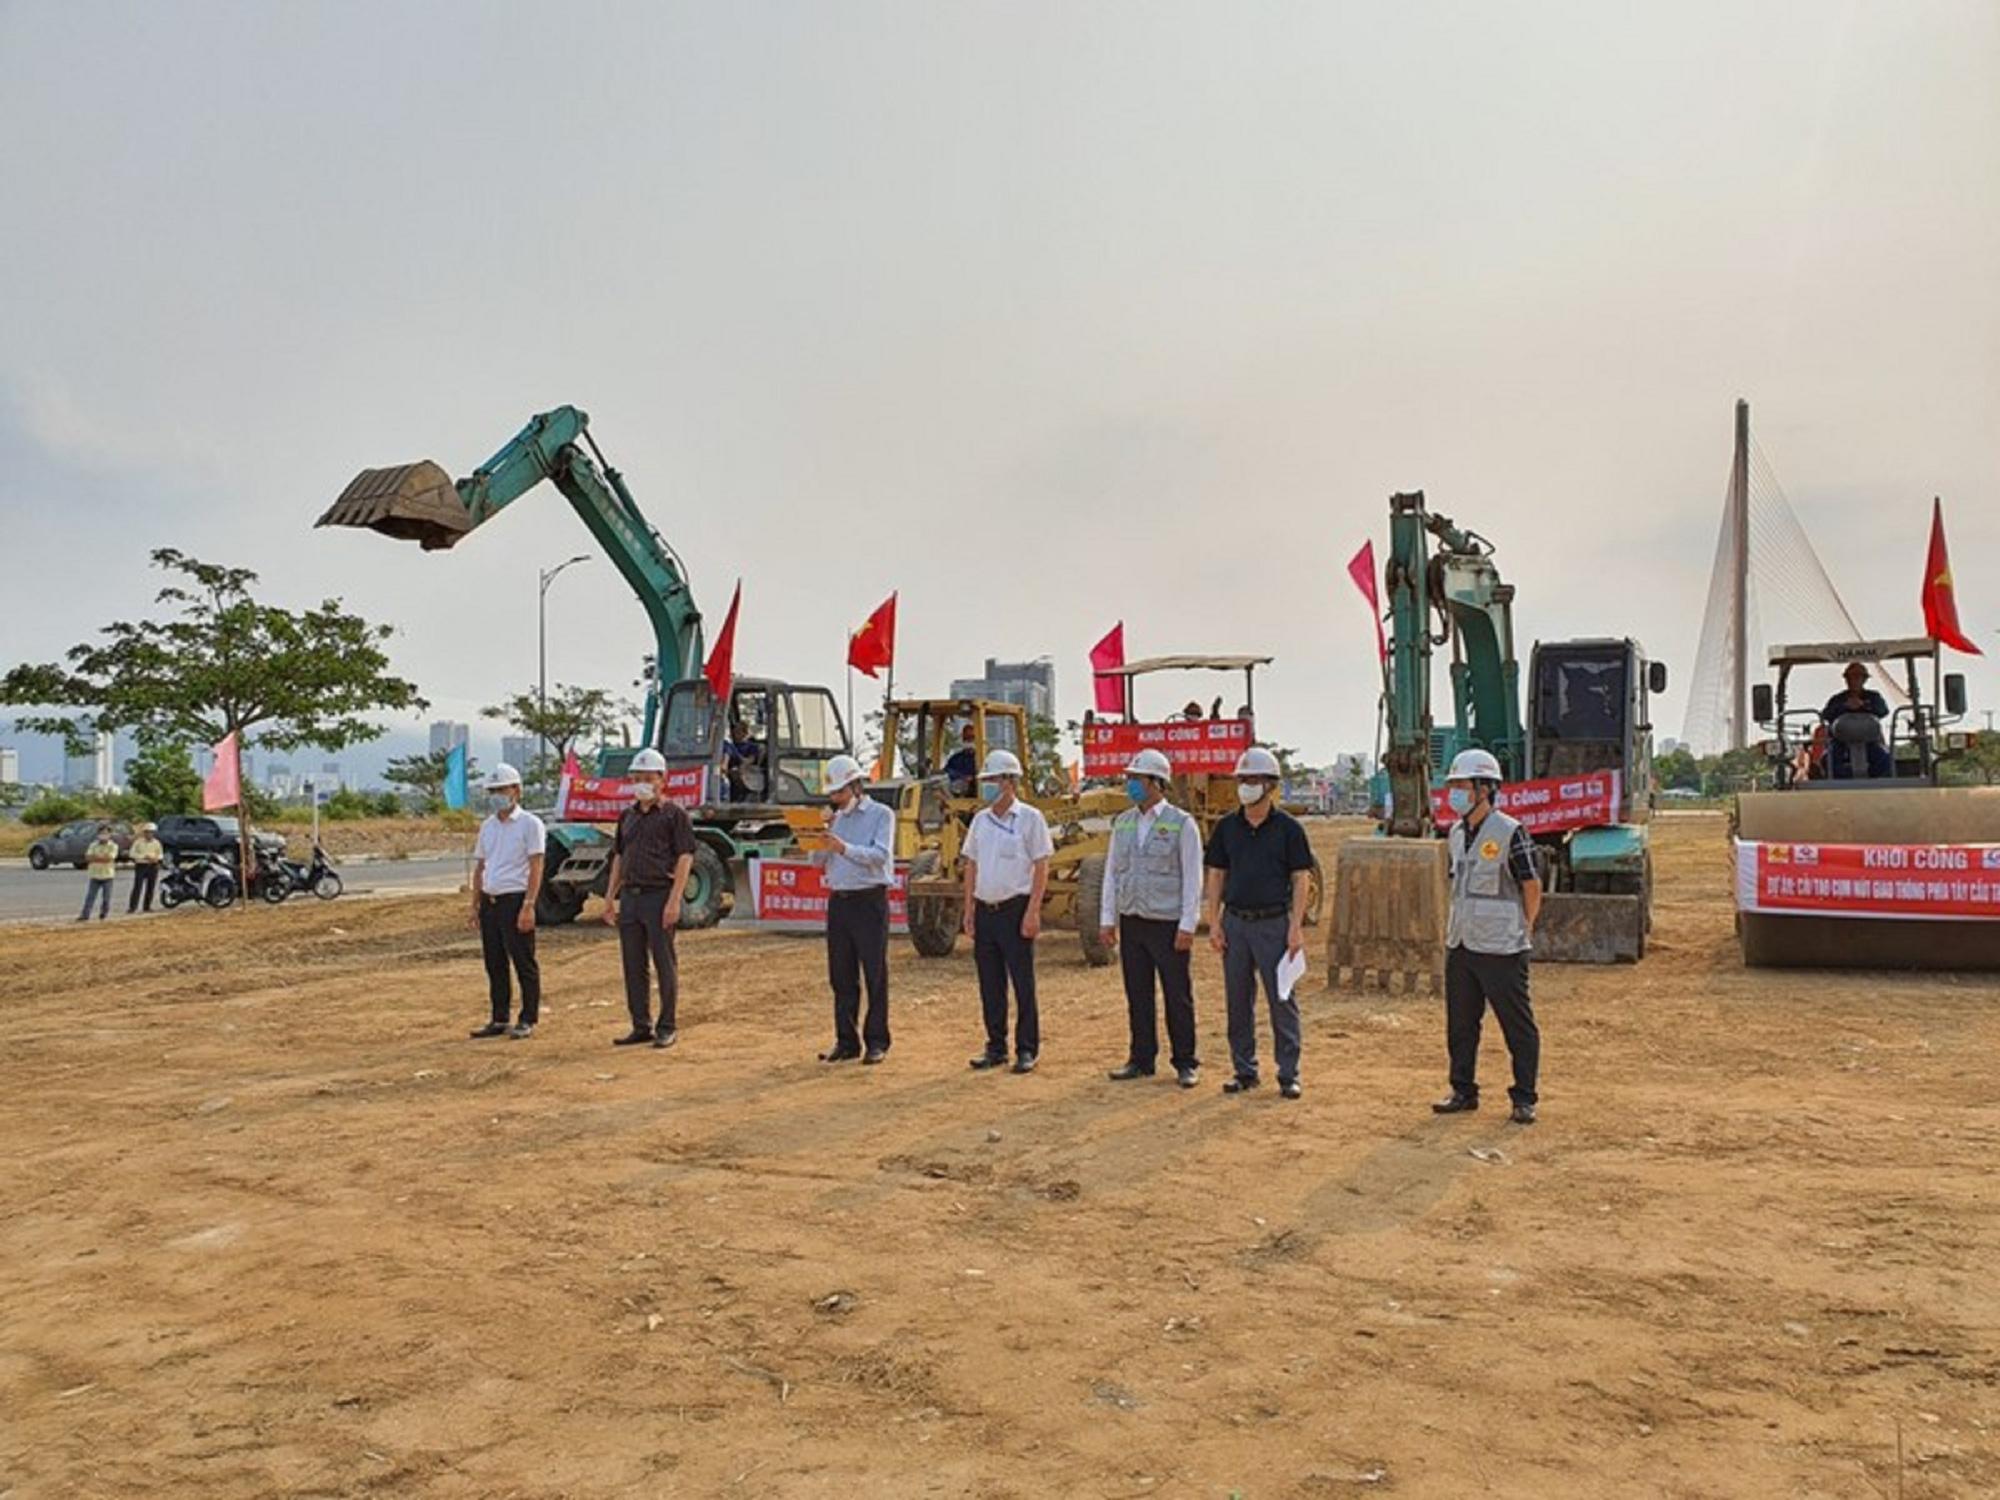 Đà Nẵng khởi công nút giao thông 3 tầng hơn 723 tỷ đồng - Ảnh 1.